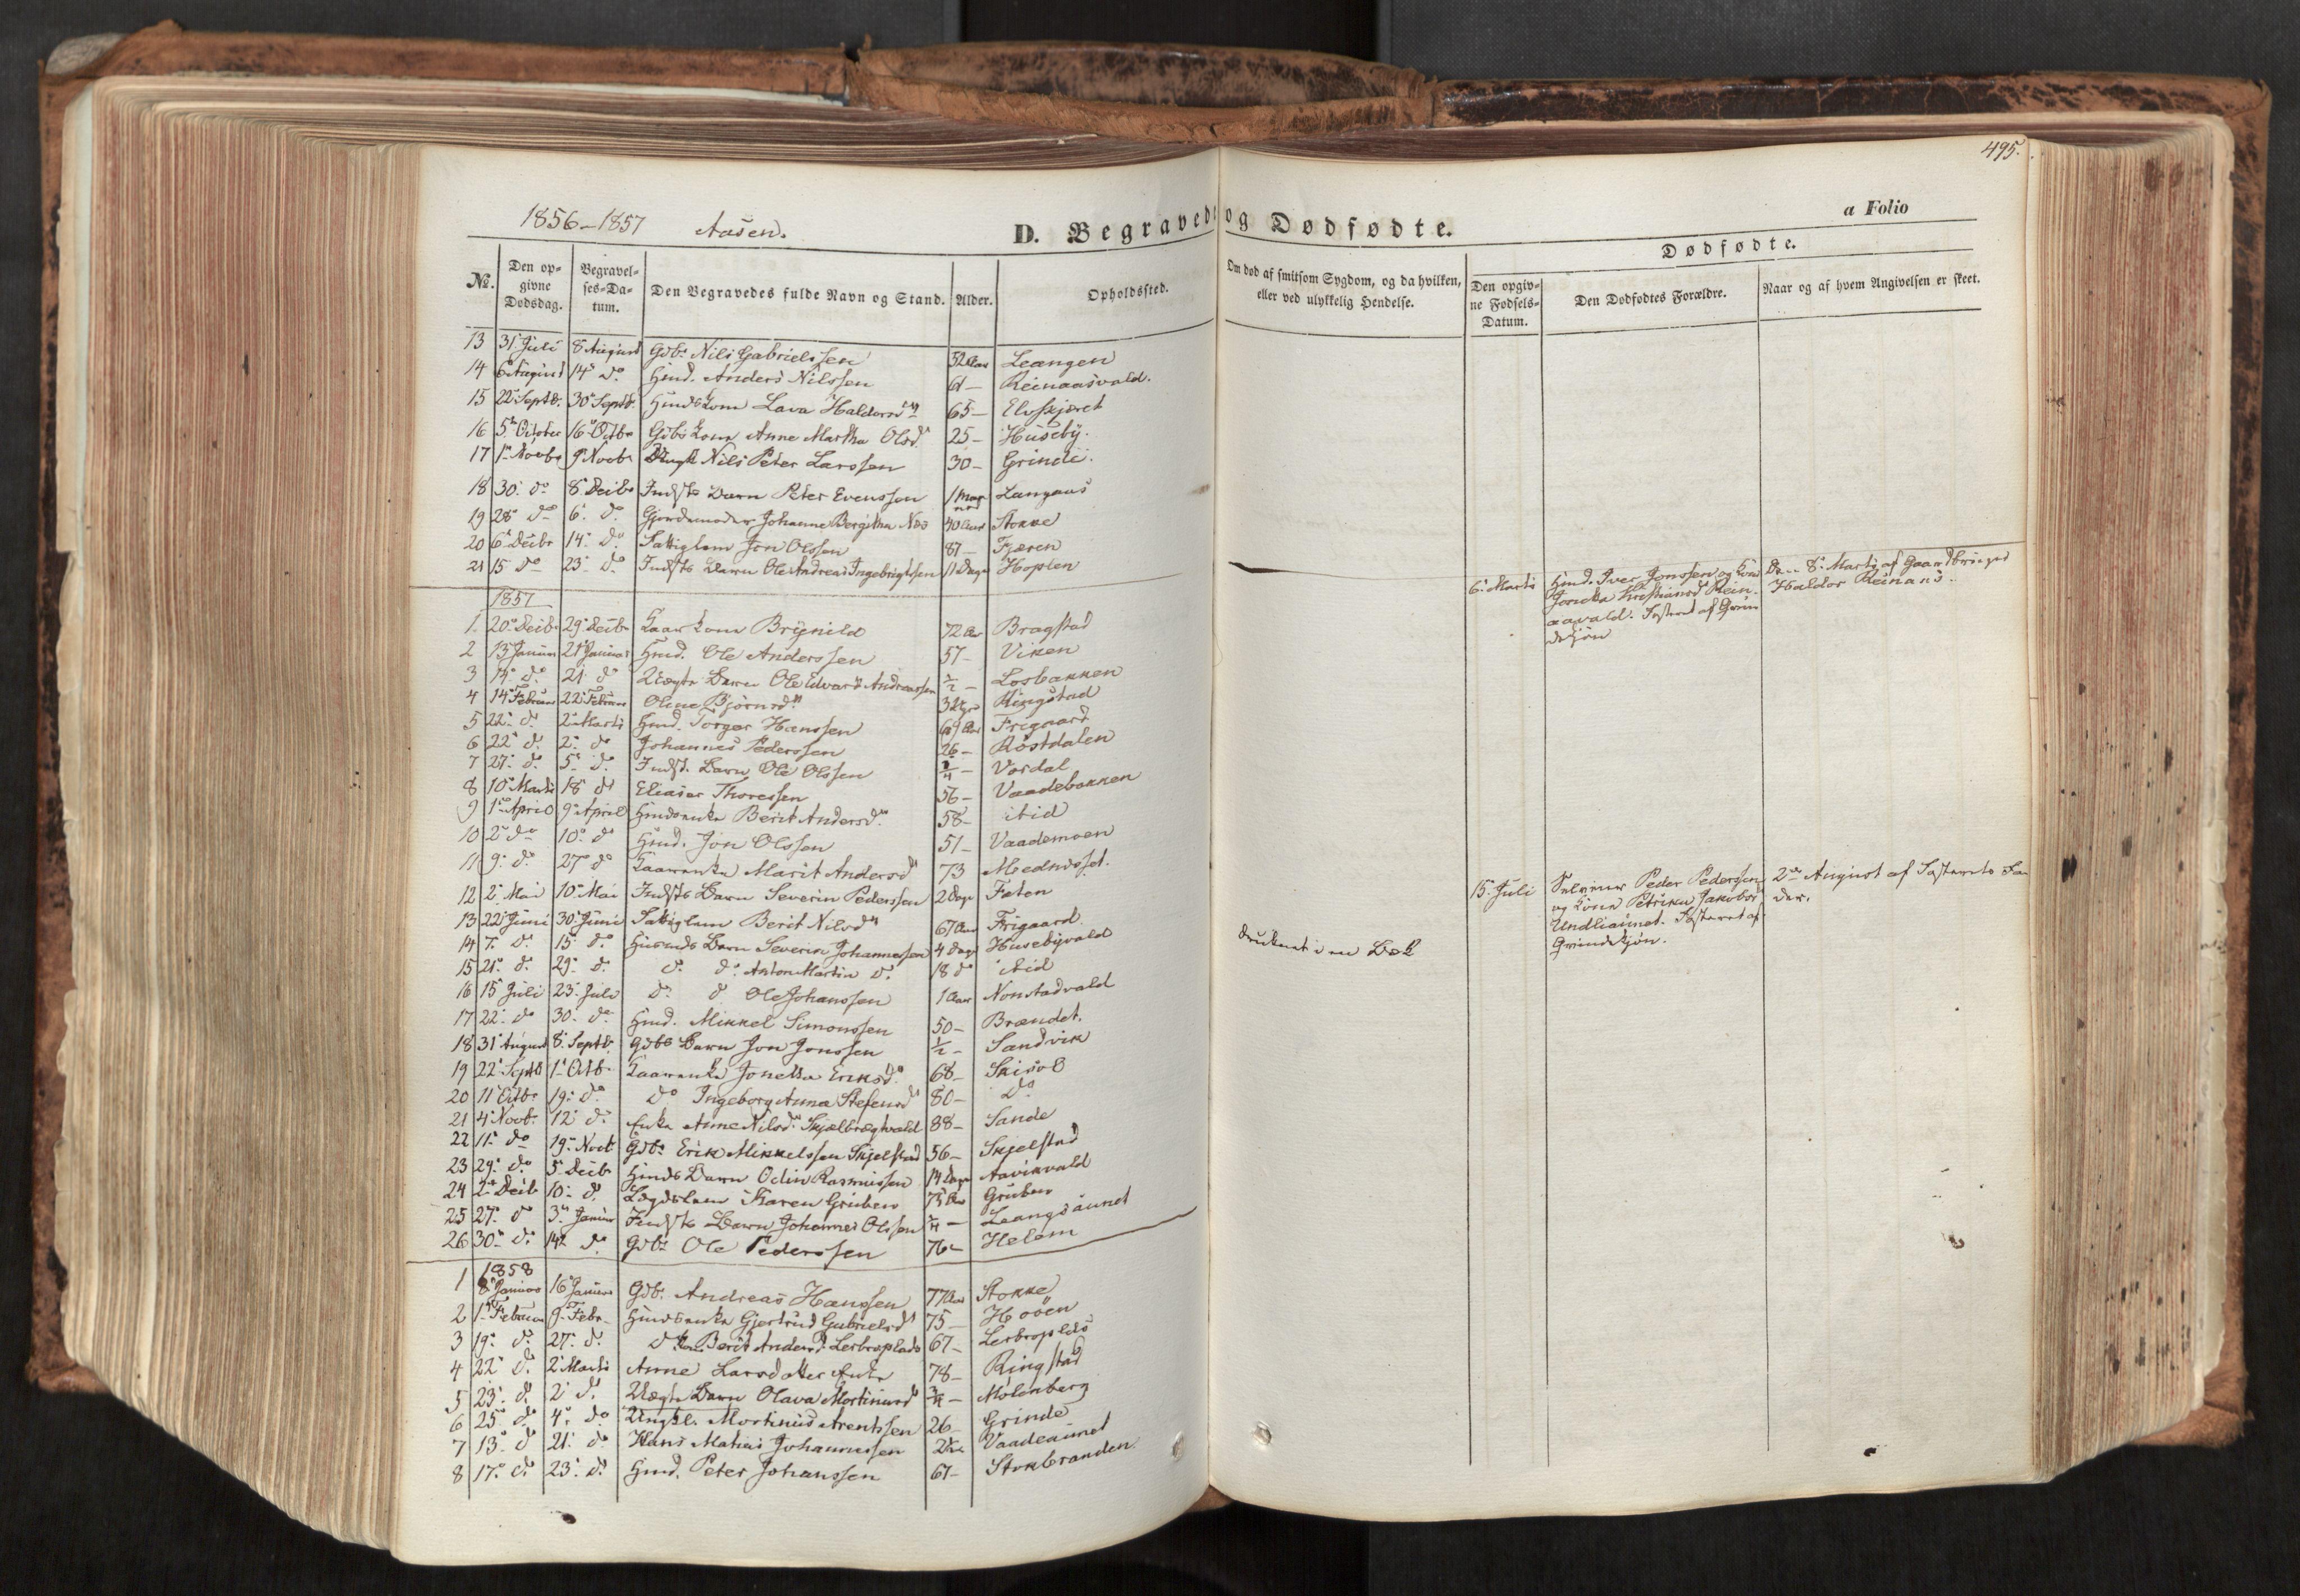 SAT, Ministerialprotokoller, klokkerbøker og fødselsregistre - Nord-Trøndelag, 713/L0116: Ministerialbok nr. 713A07, 1850-1877, s. 495